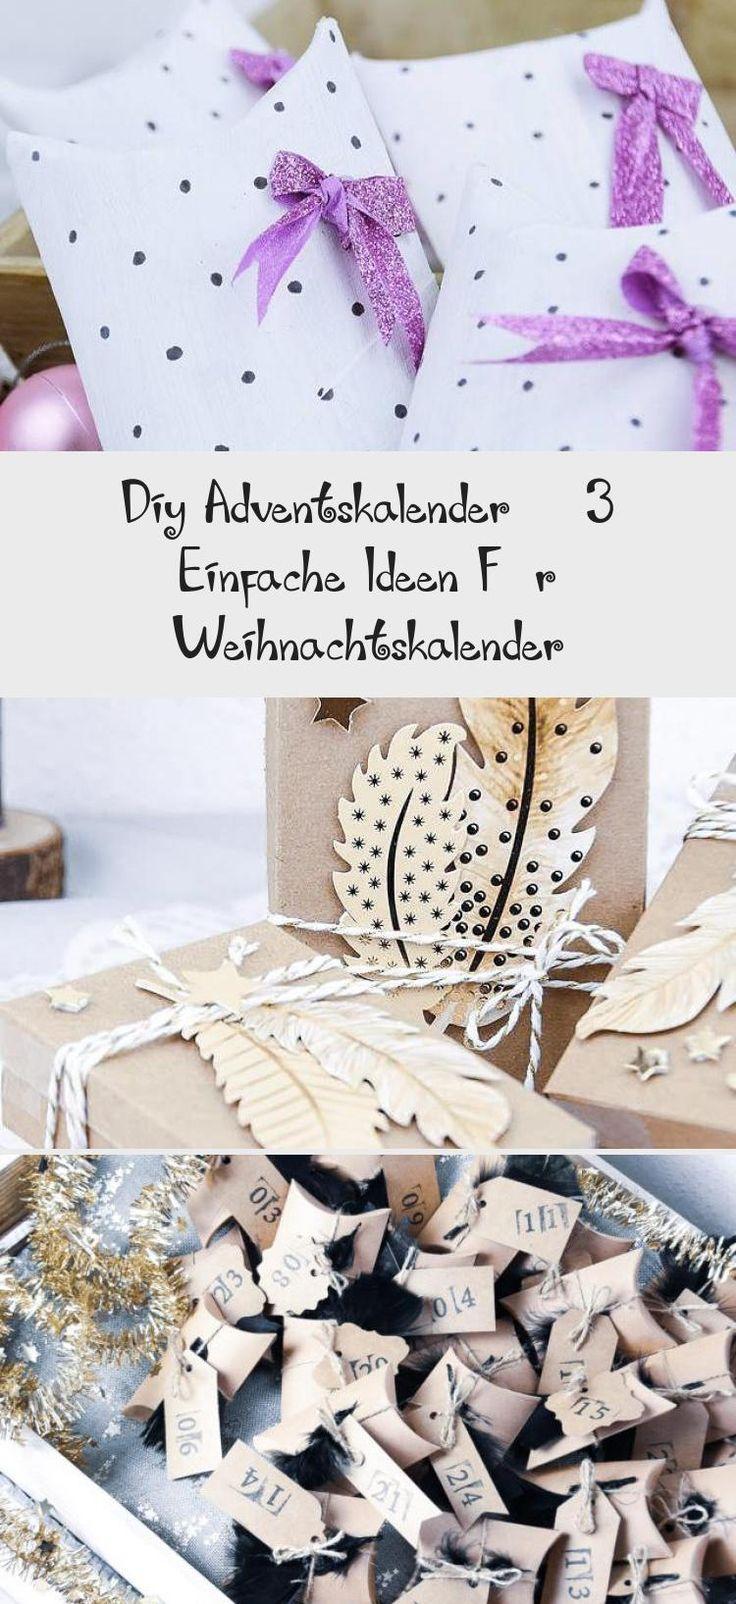 Diy Adventskalender 3 Einfache Ideen Für